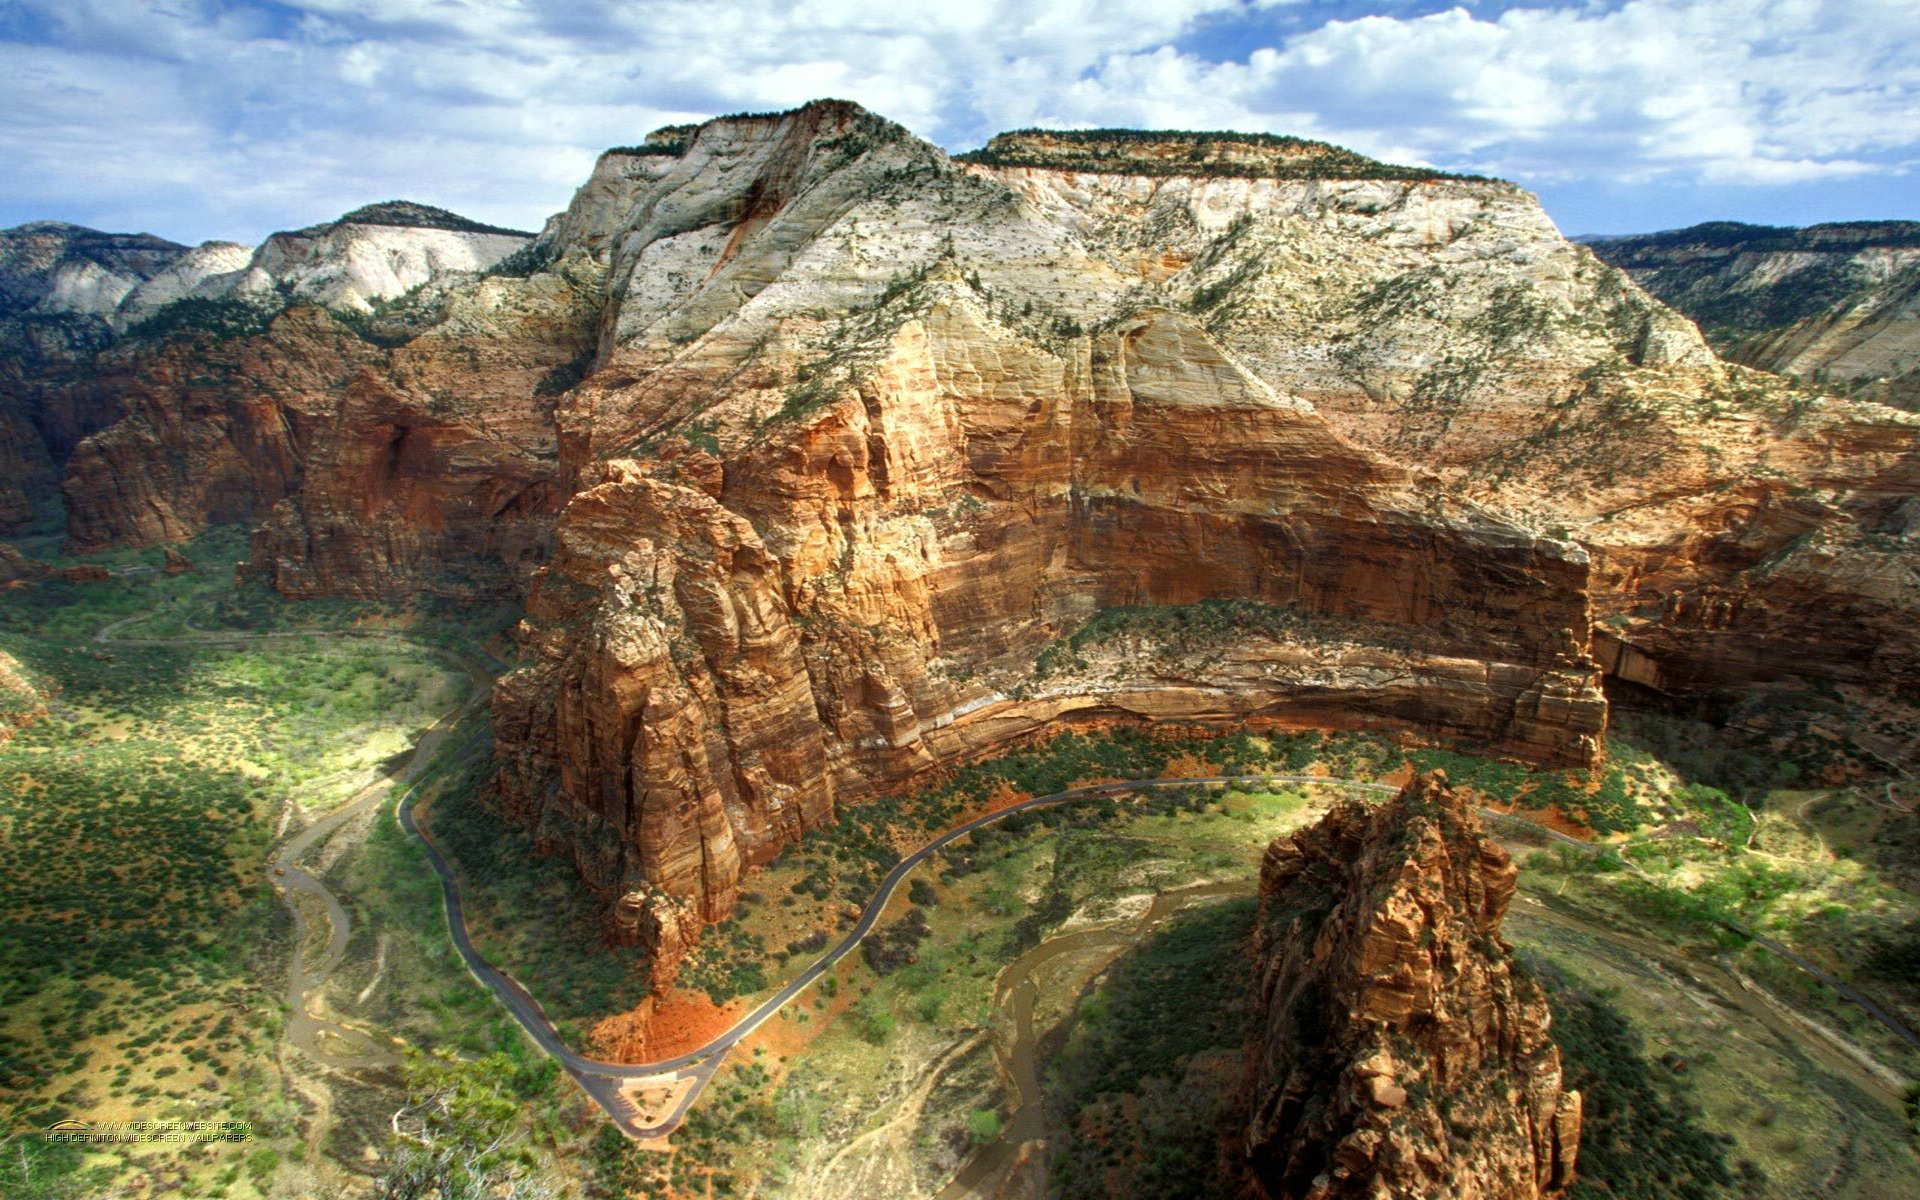 Зион расположен в штате Юта. Площадь парка - 593 км квадратных